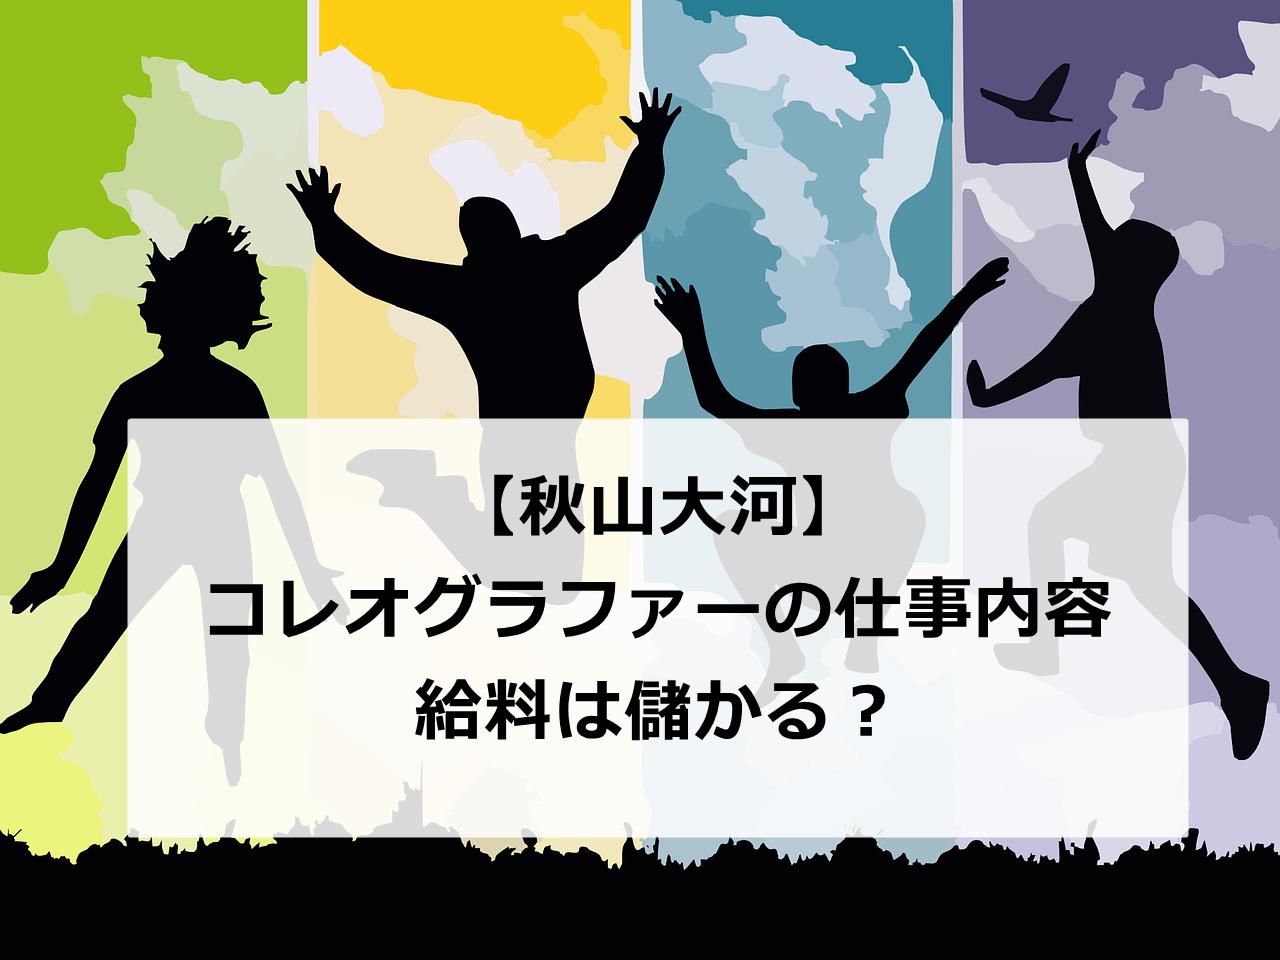 ジャニーズ・エンタテイメント 学歴